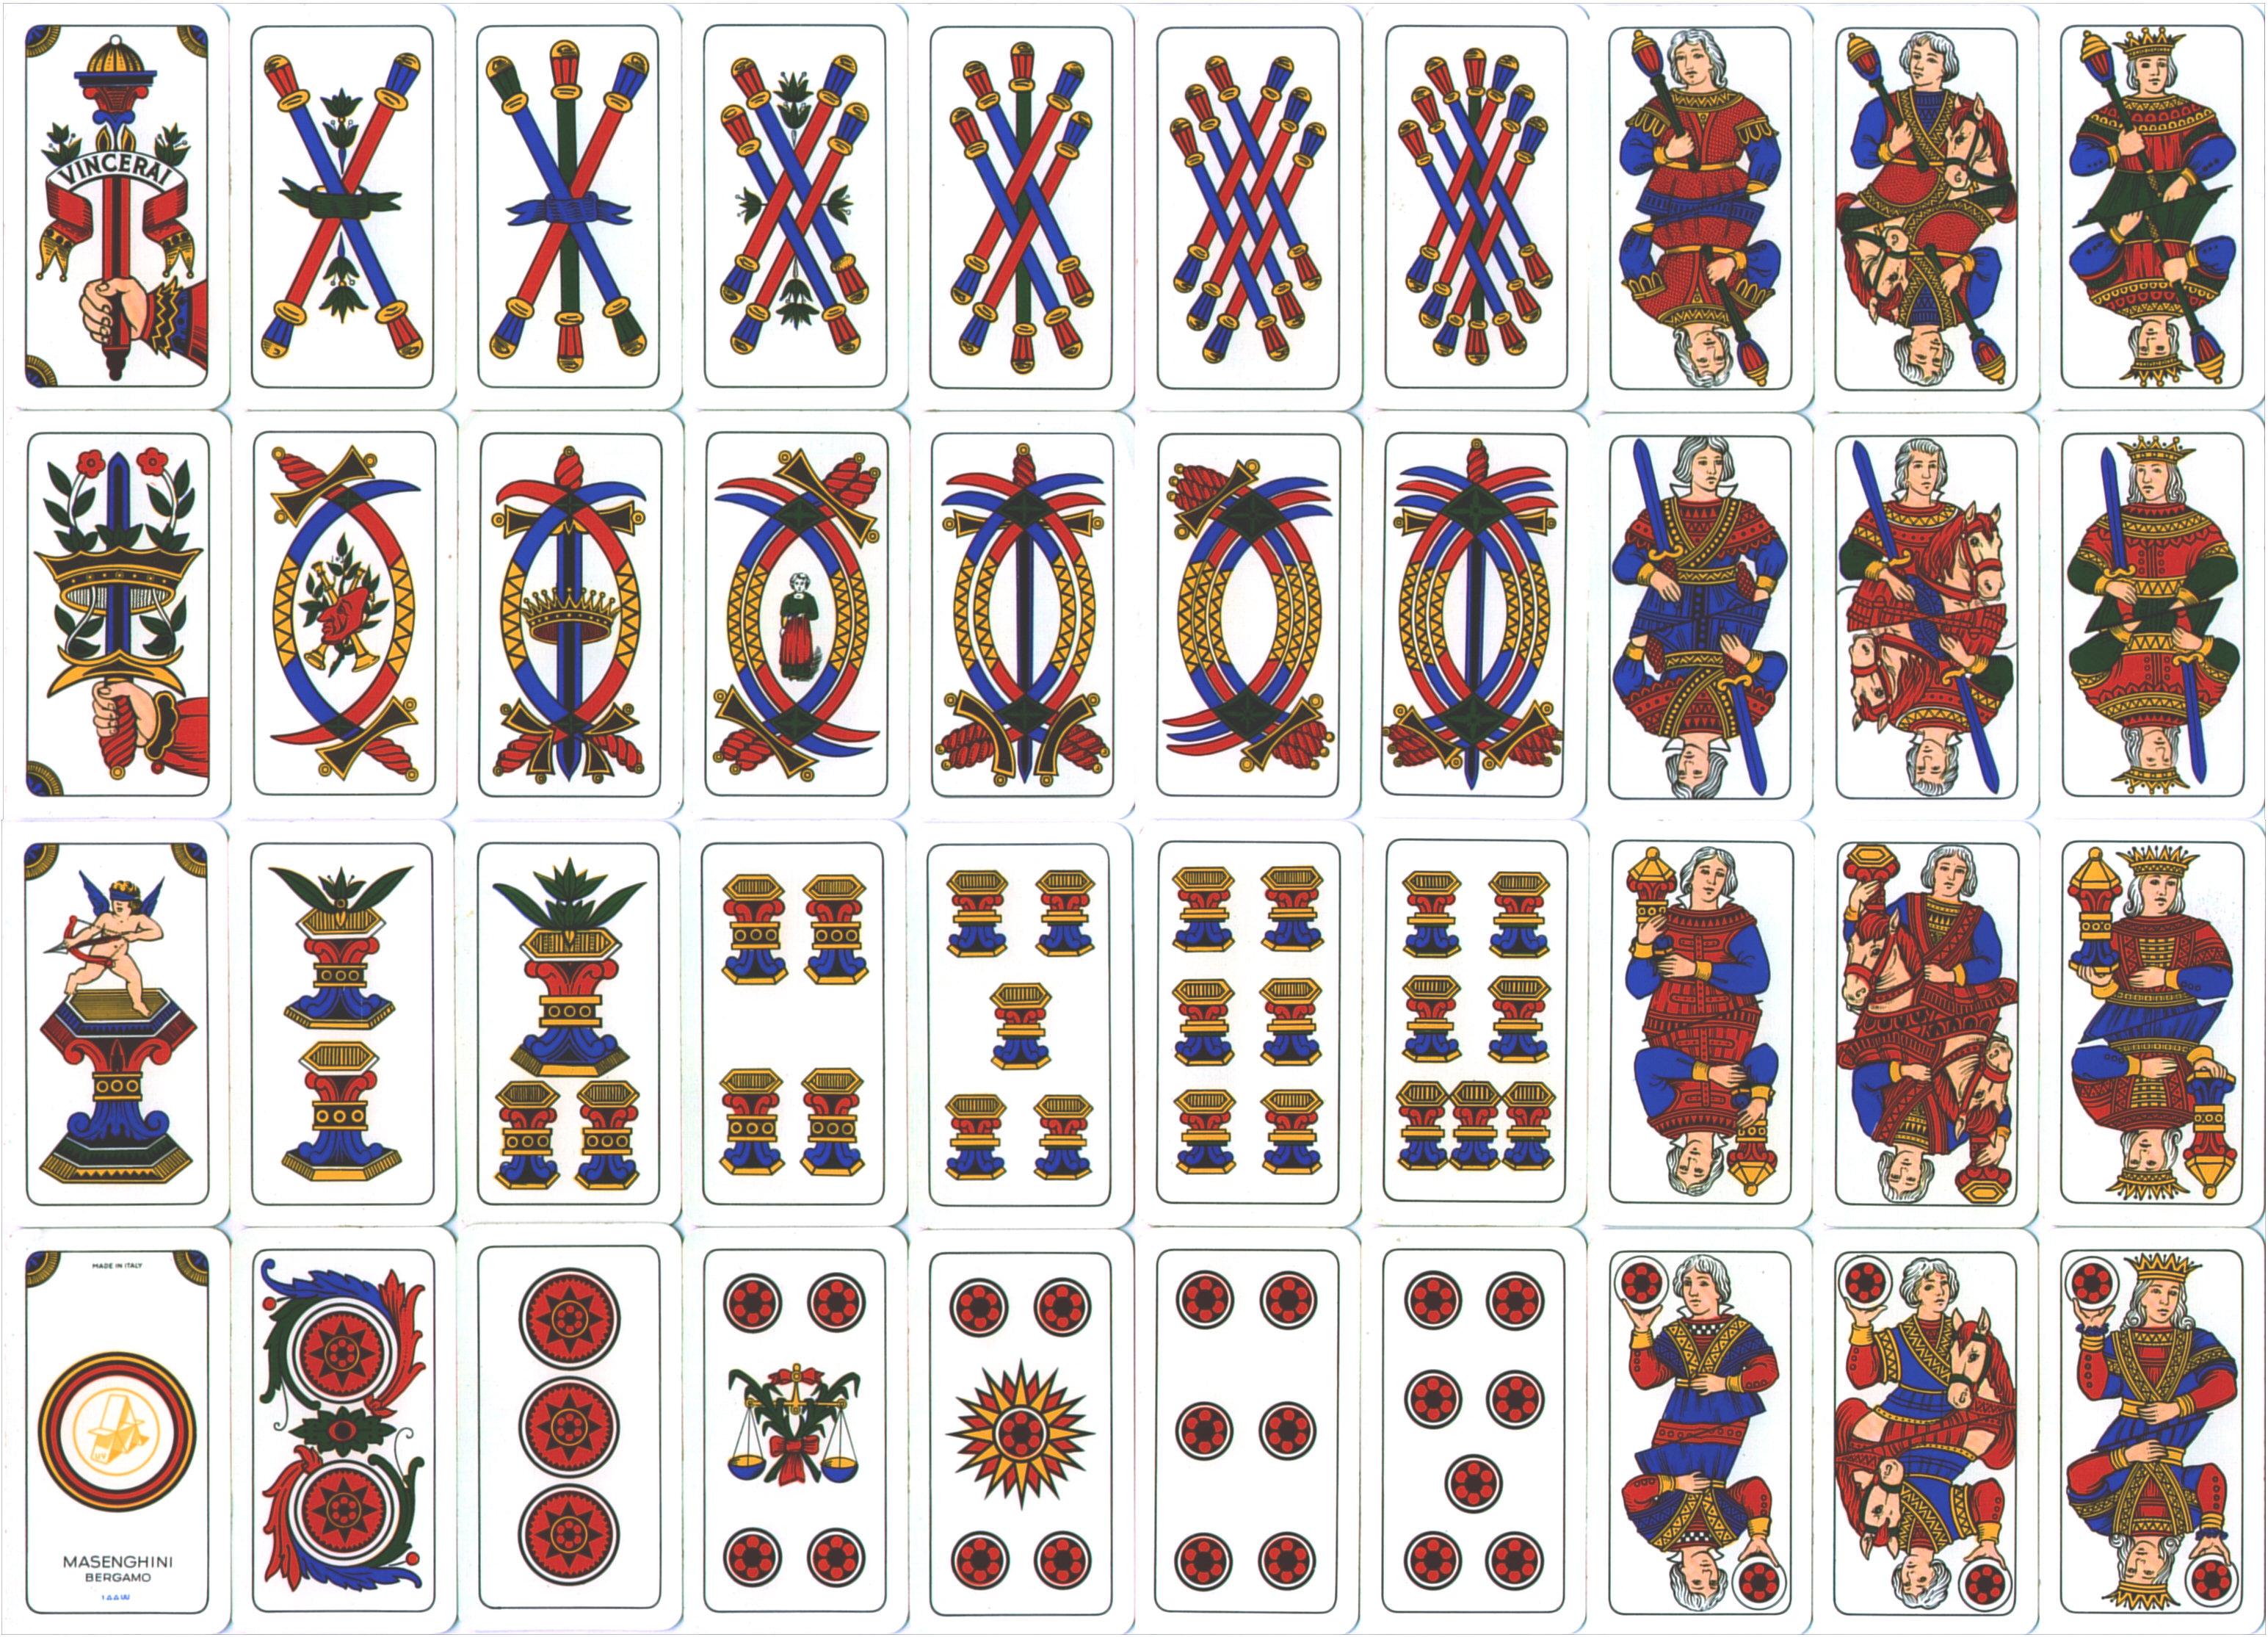 Arcanos Menores - Tarot de Marsella